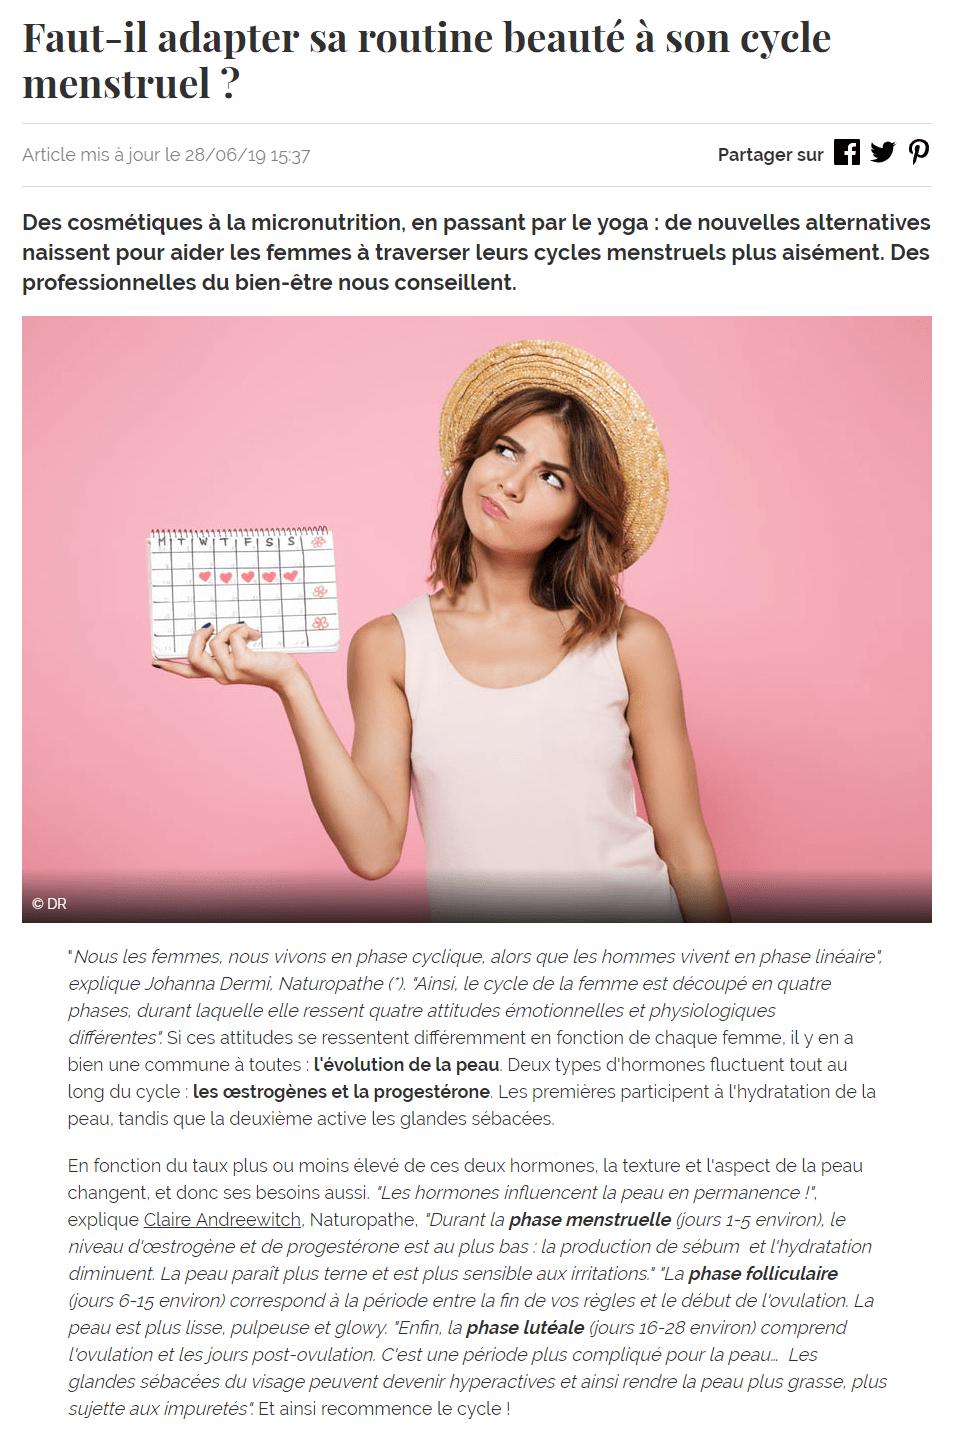 journaldesfemmes.fr juin 2019